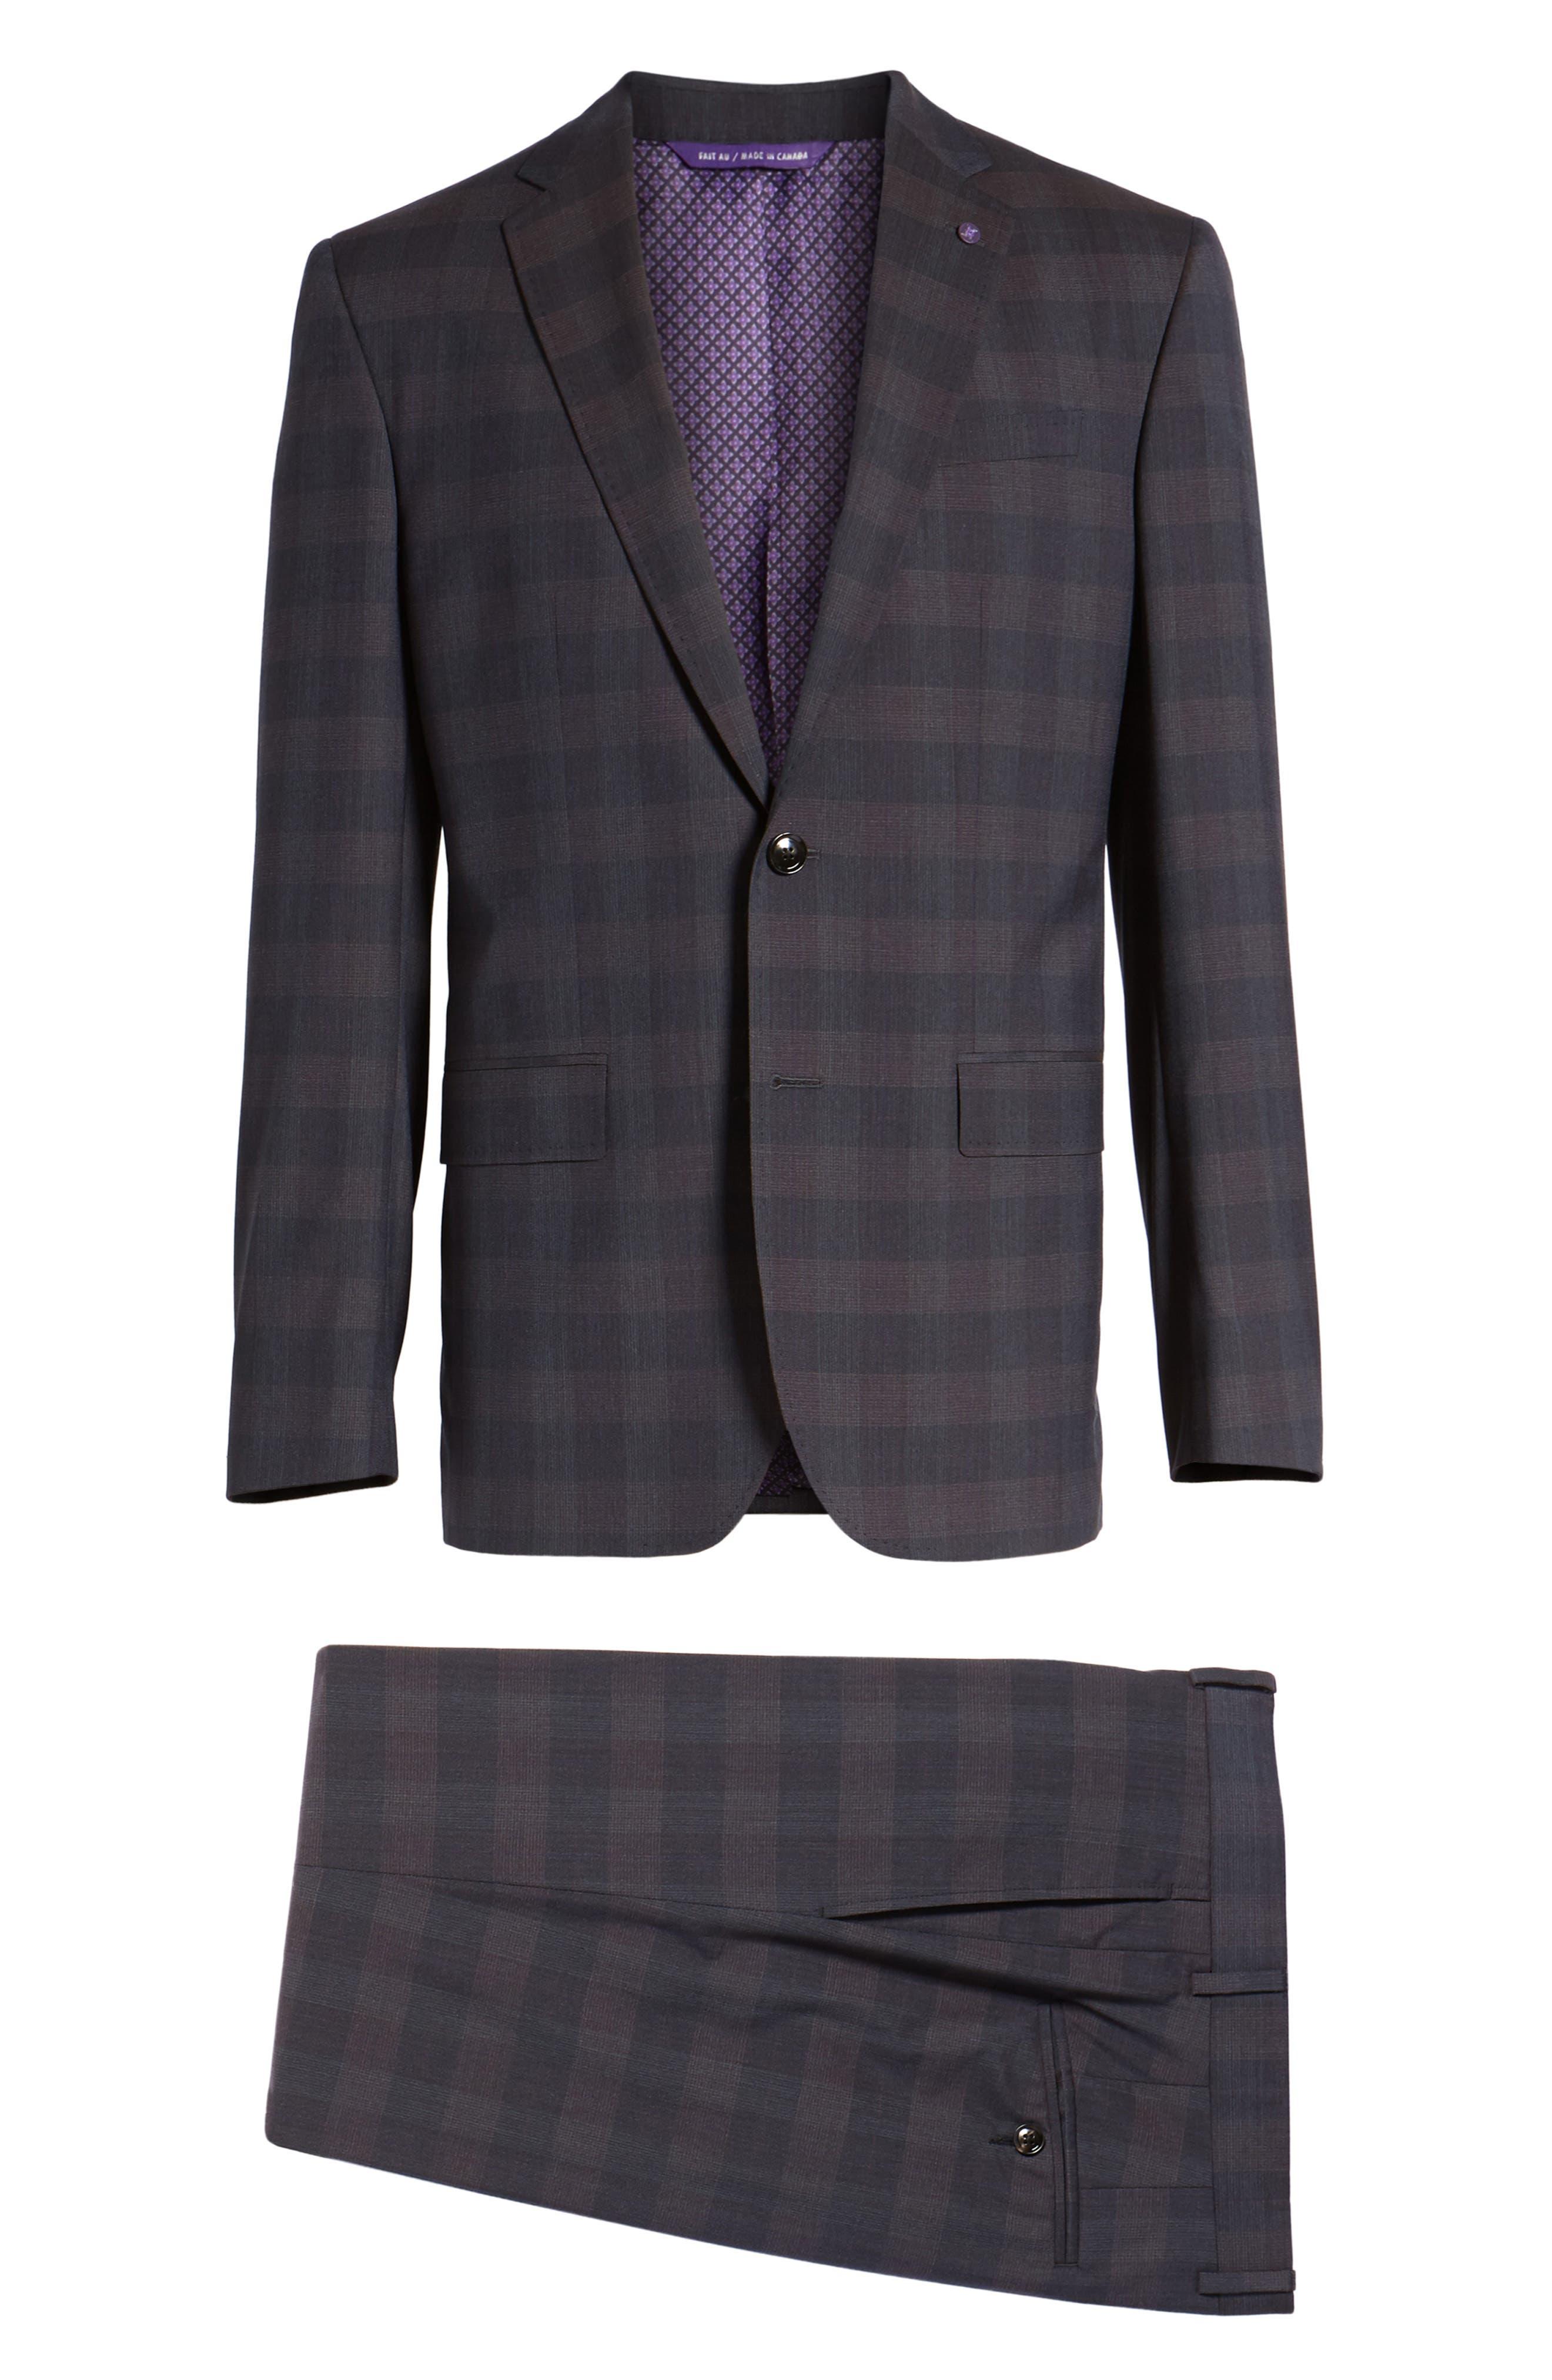 Jay Trim Fit Plaid Wool Suit,                             Alternate thumbnail 8, color,                             Black